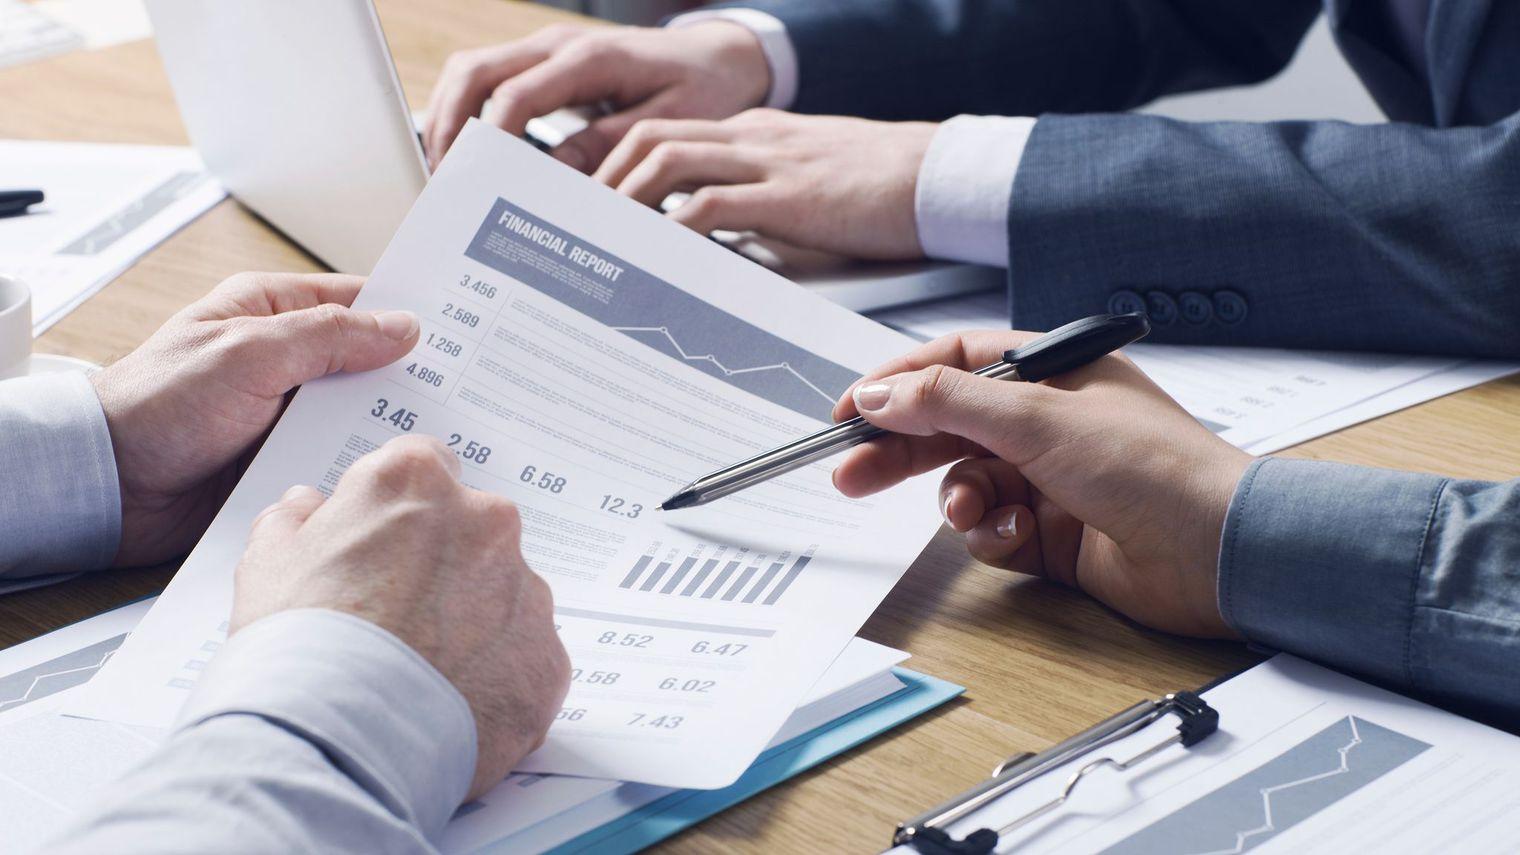 Comment choisir son assurance emprunteur?